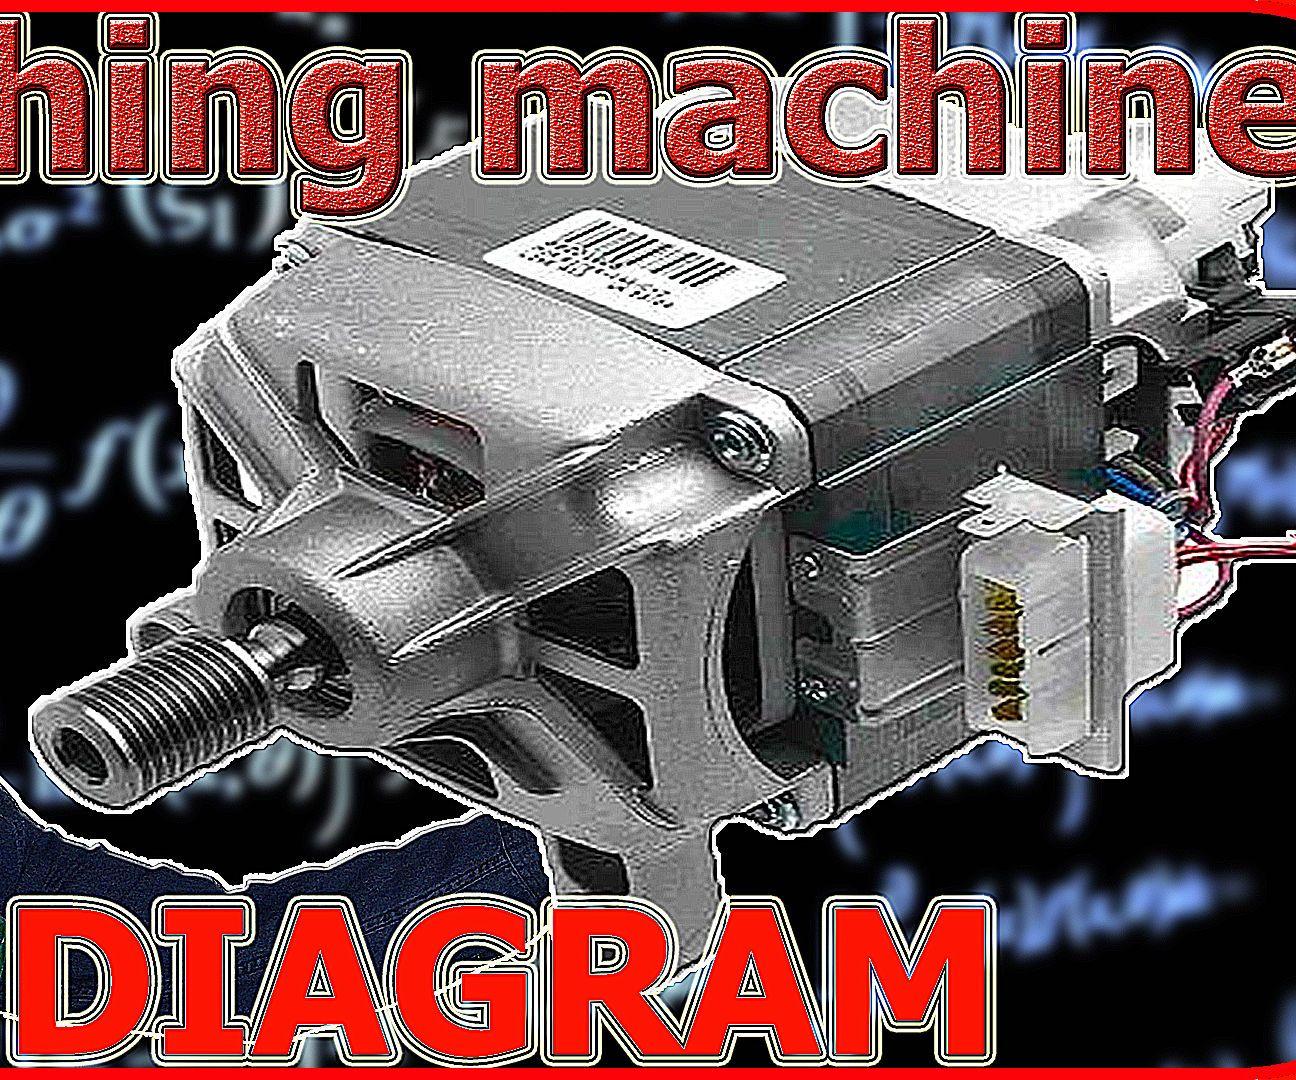 washing machine motor wiring diagram washing machine motor universal motor [ 1296 x 1080 Pixel ]